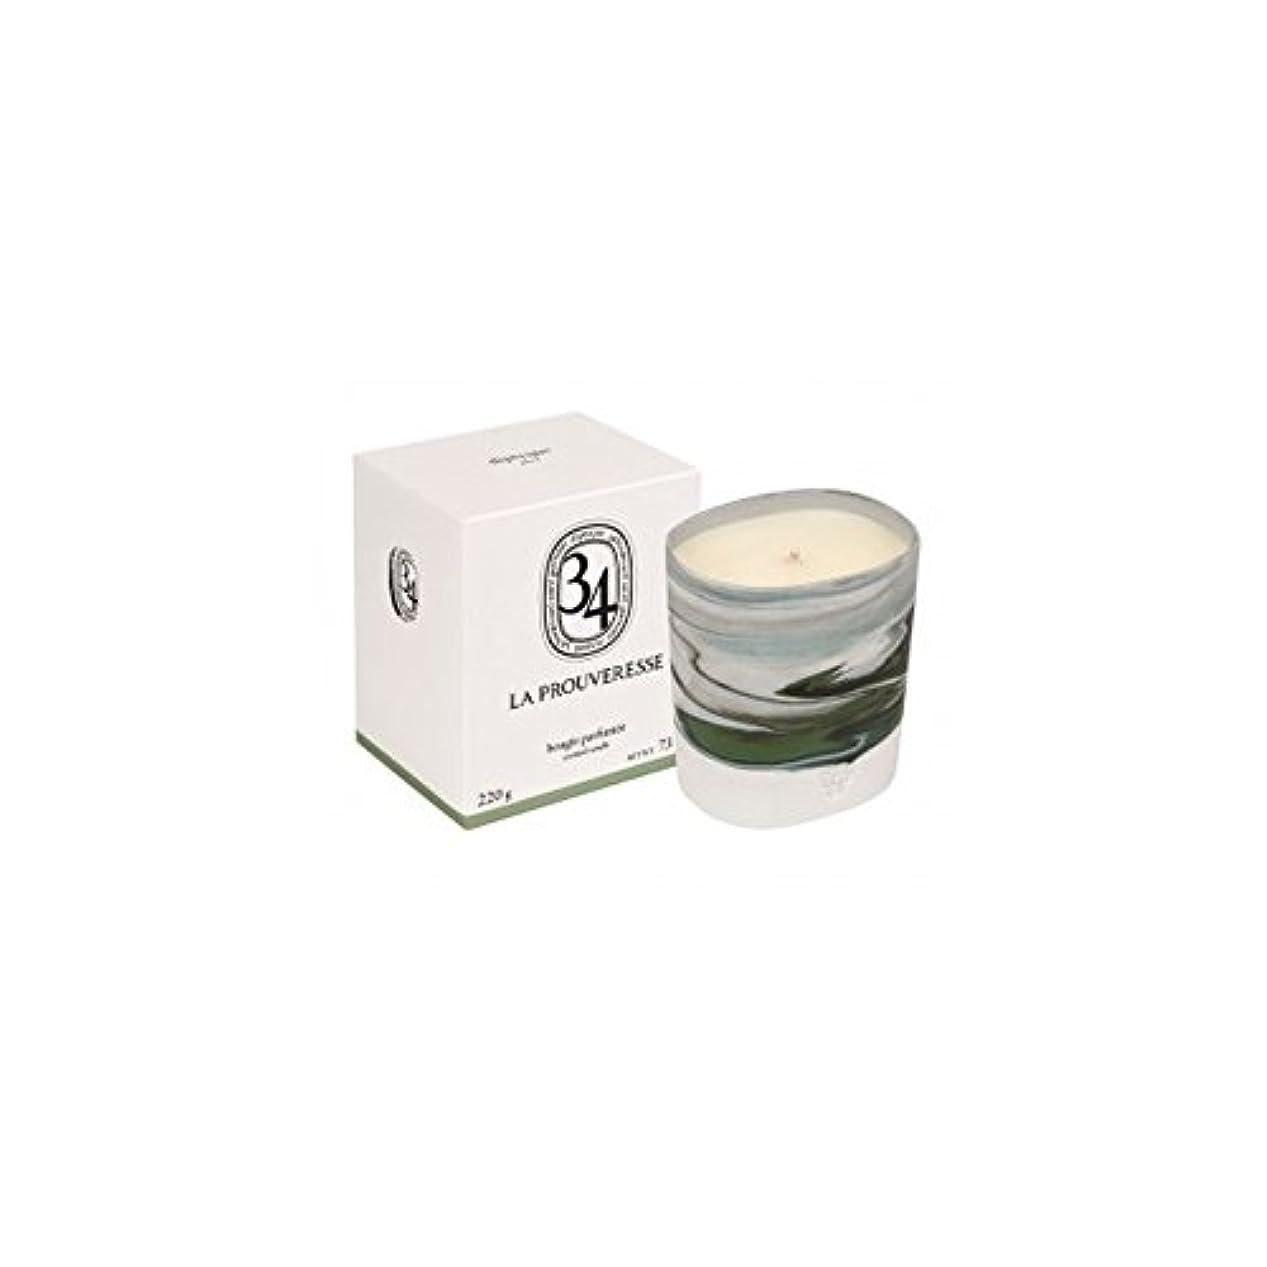 絶縁する摂氏度ヘッジDiptyque Collection 34 La Prouveresse Scented Candle 220g (Pack of 2) - ラProuveresse Diptyqueコレクション34香りのキャンドル220...